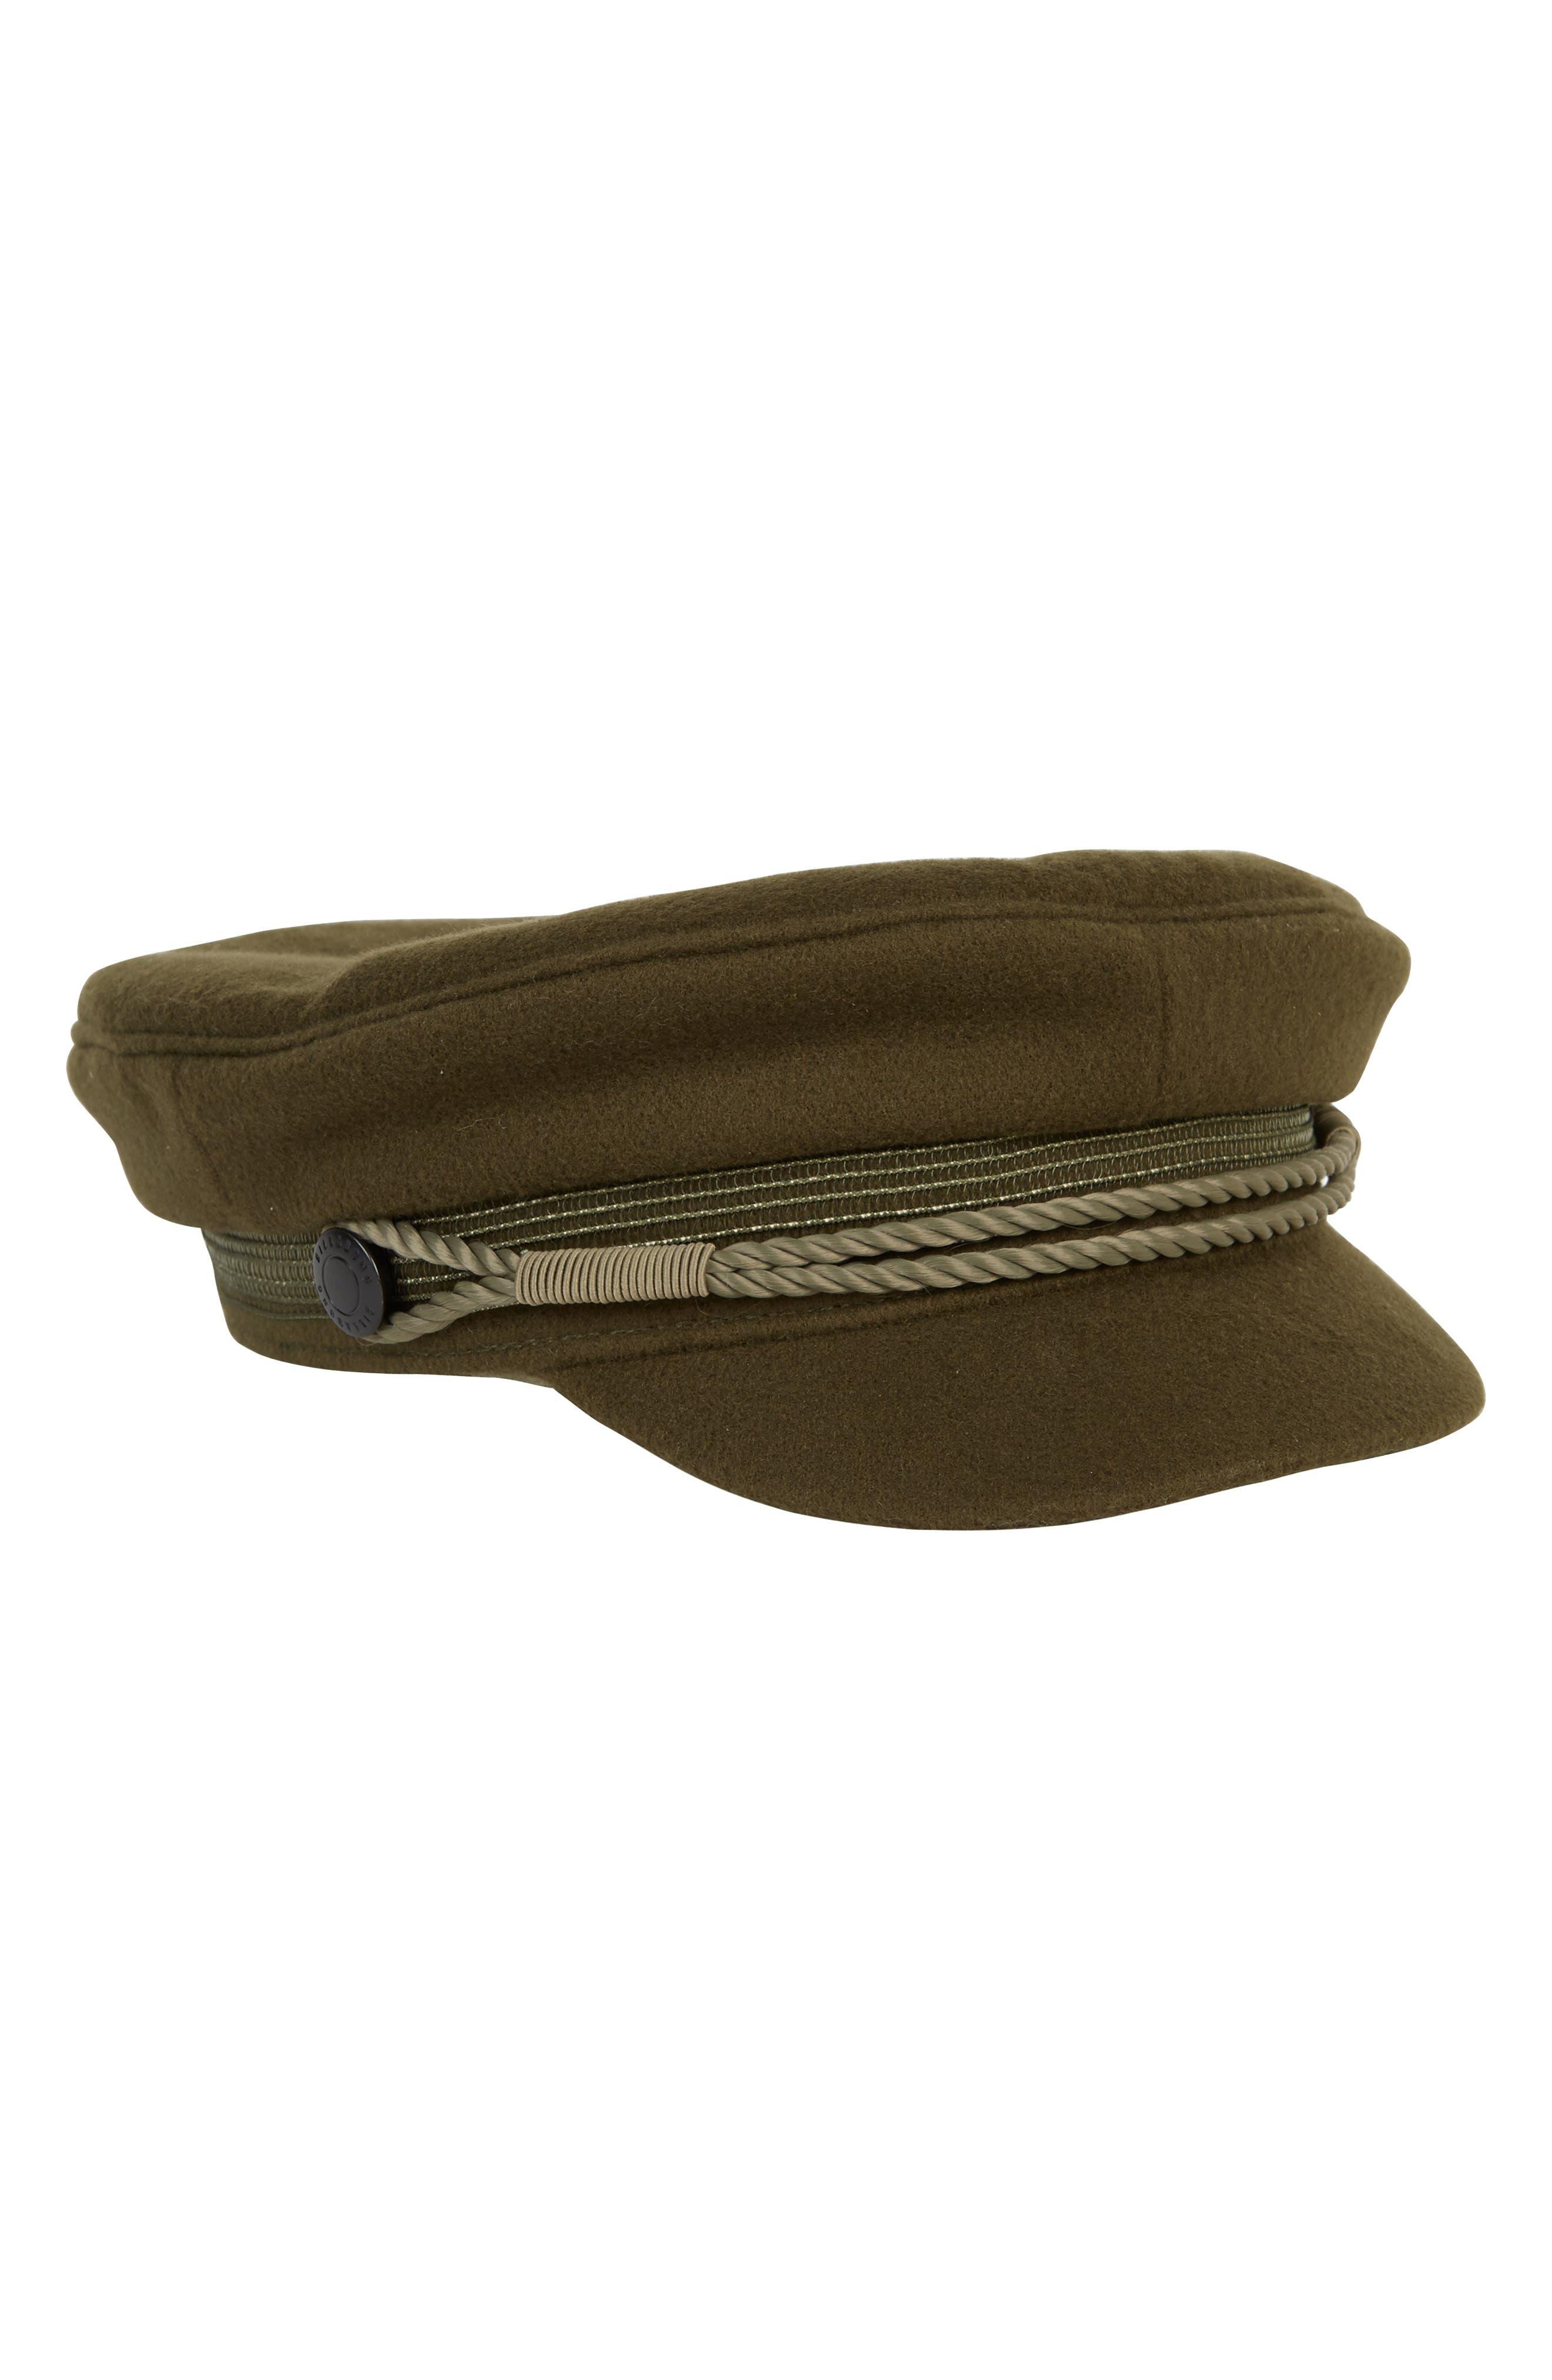 Jack Baker Boy Hat,                             Alternate thumbnail 4, color,                             OLIVE